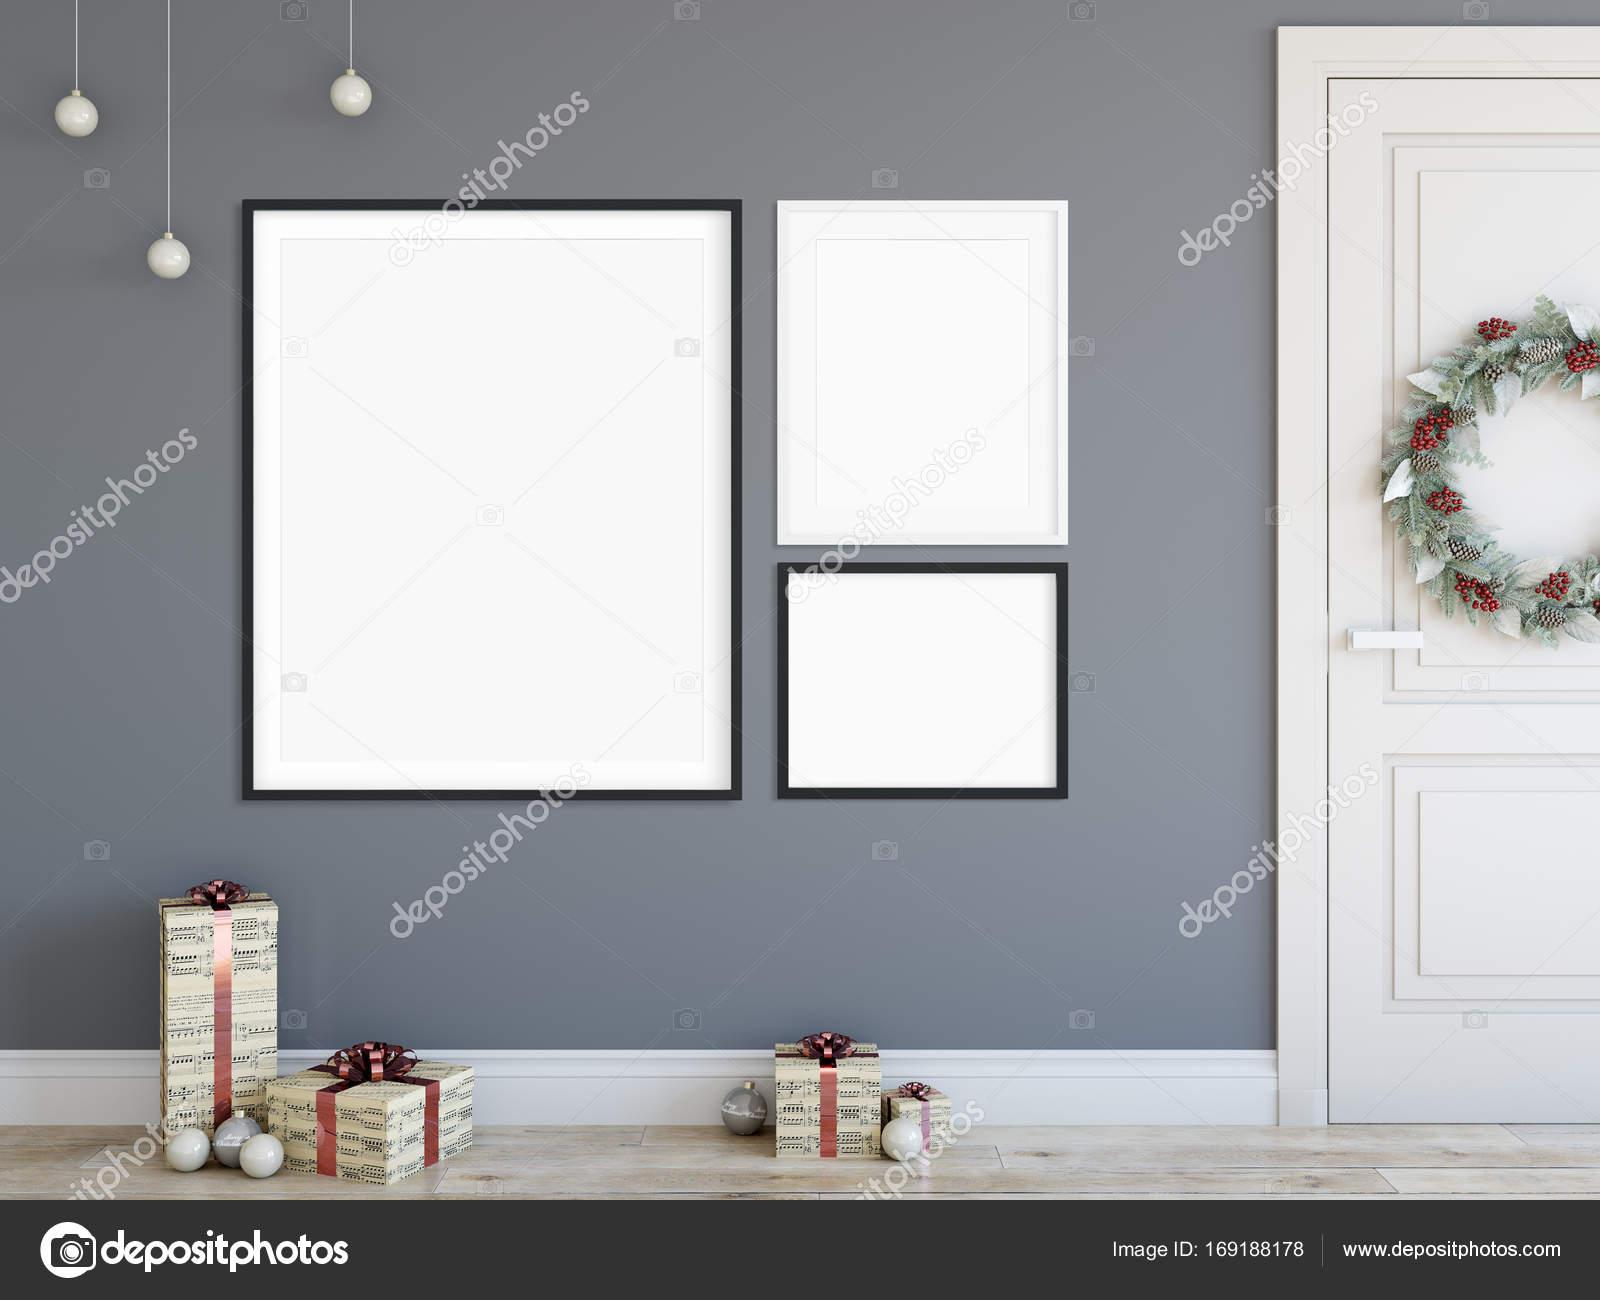 Posters In Interieur : Mock up poster im wohnzimmer weihnachten interieur